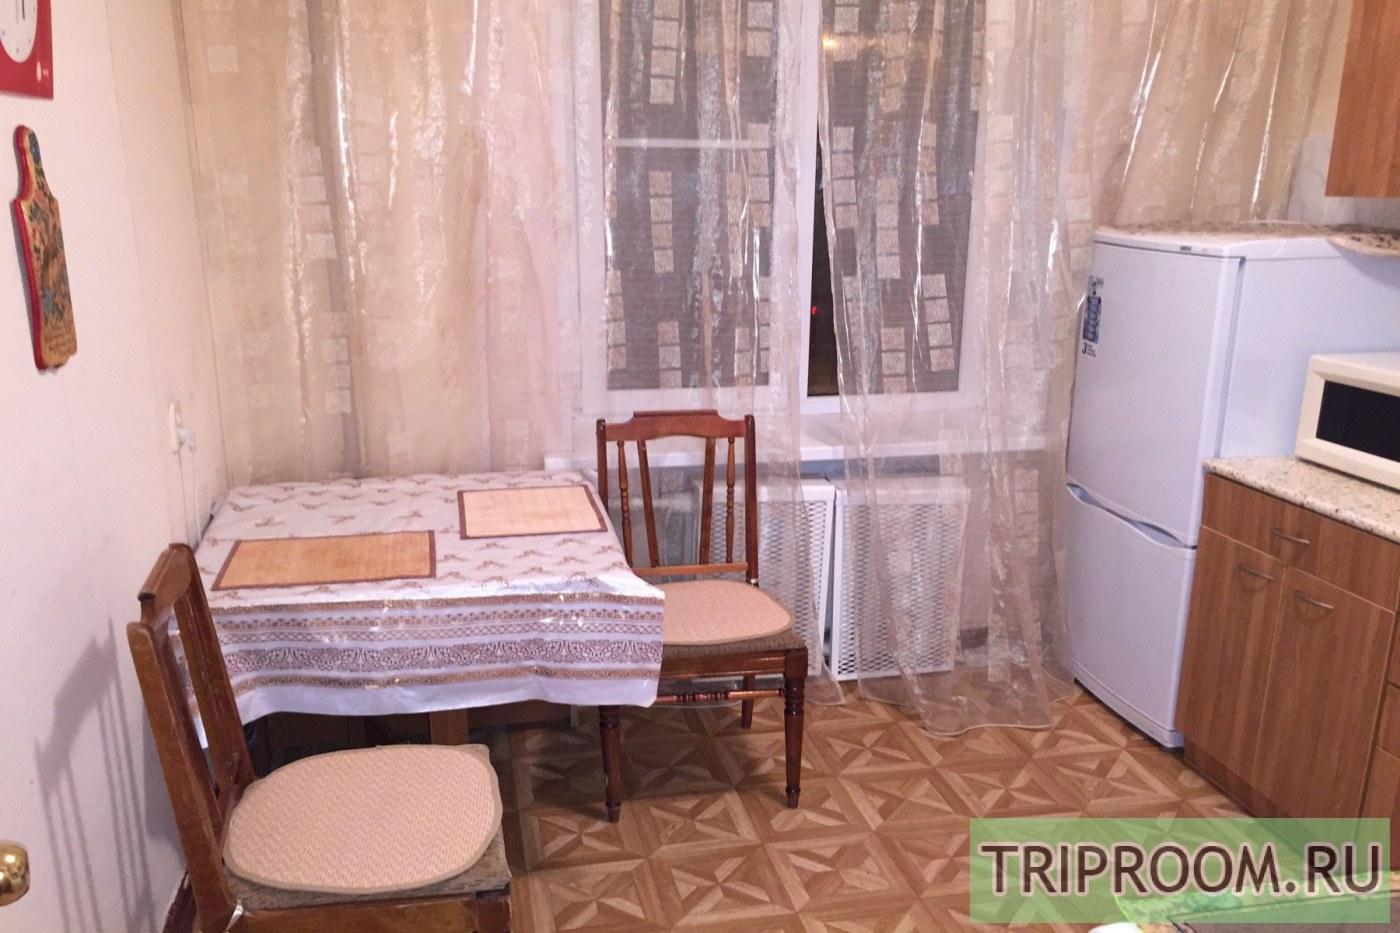 1-комнатная квартира посуточно (вариант № 37884), ул. Советская улица, фото № 3